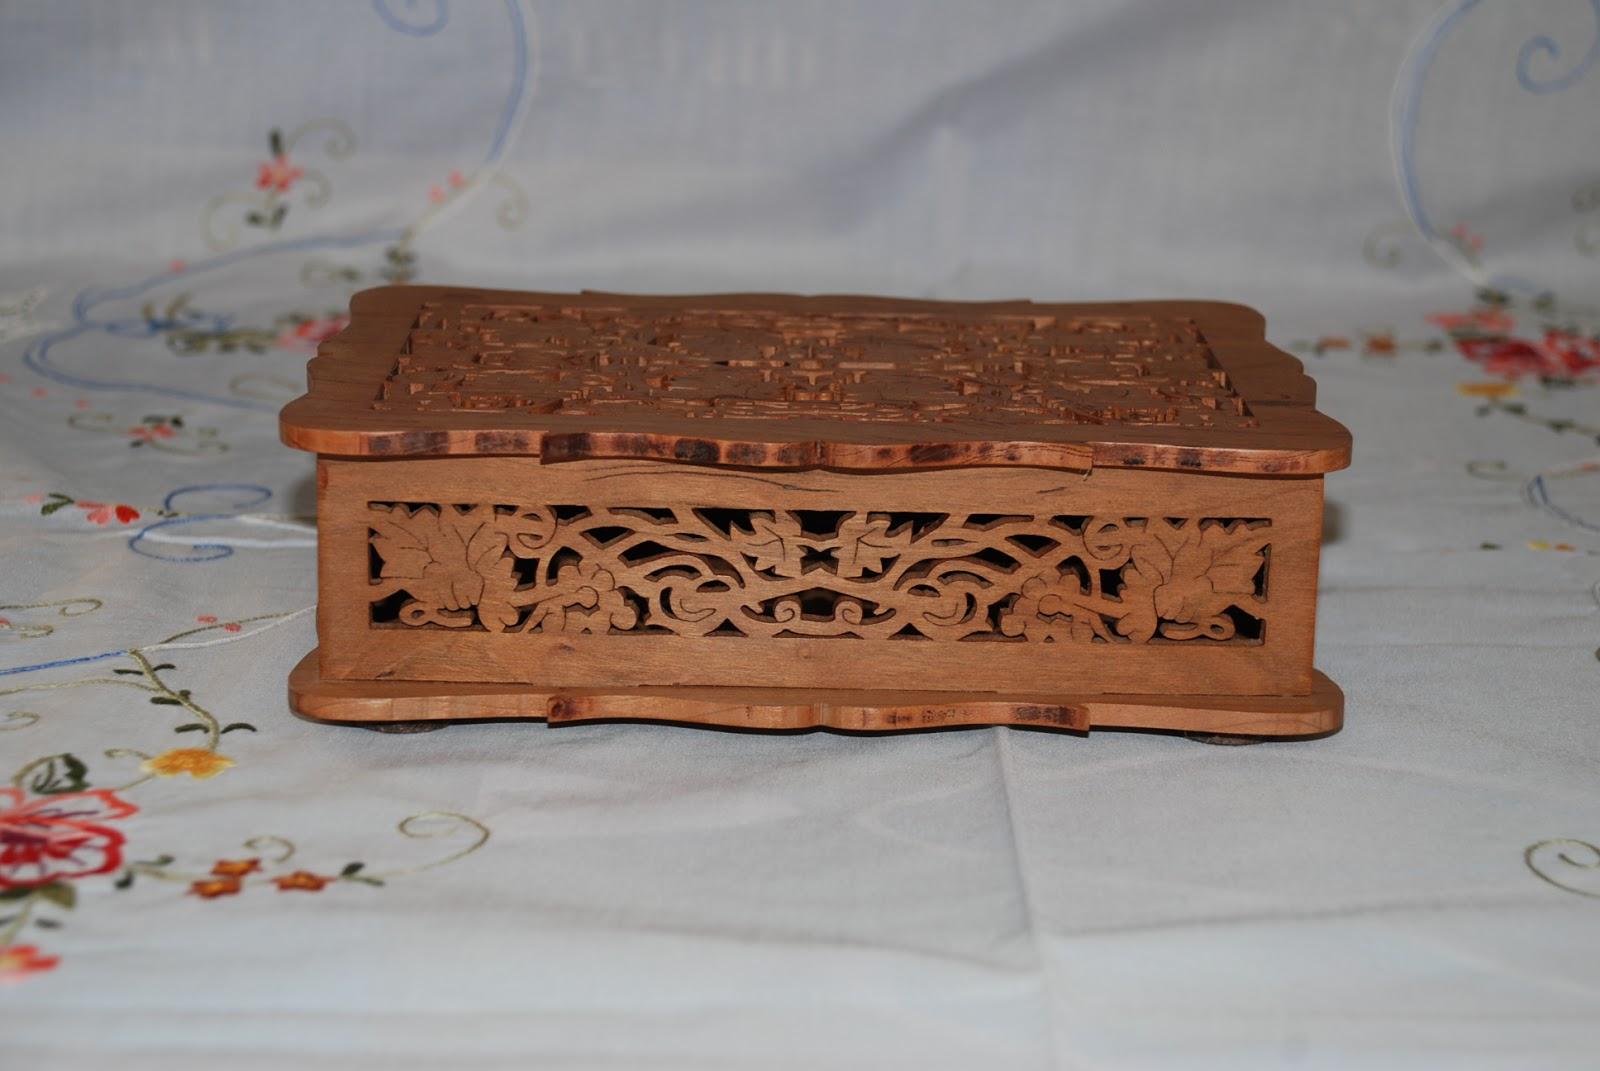 El arte de la marqueteria caja de madera de cerezo - Madera para marqueteria ...